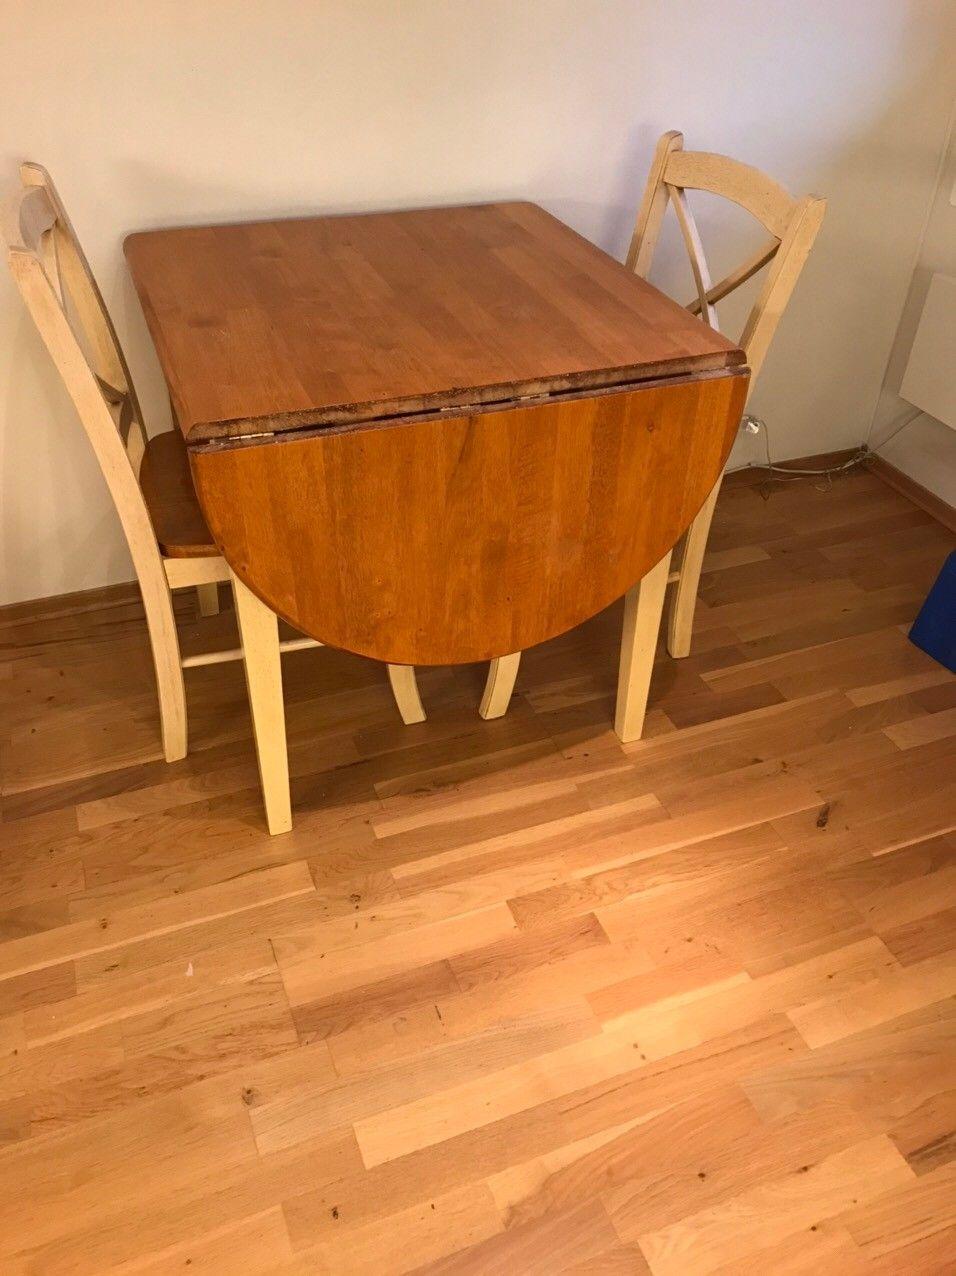 Lite bord med 2 stoler Kjøpe, selge og utveksle annonser